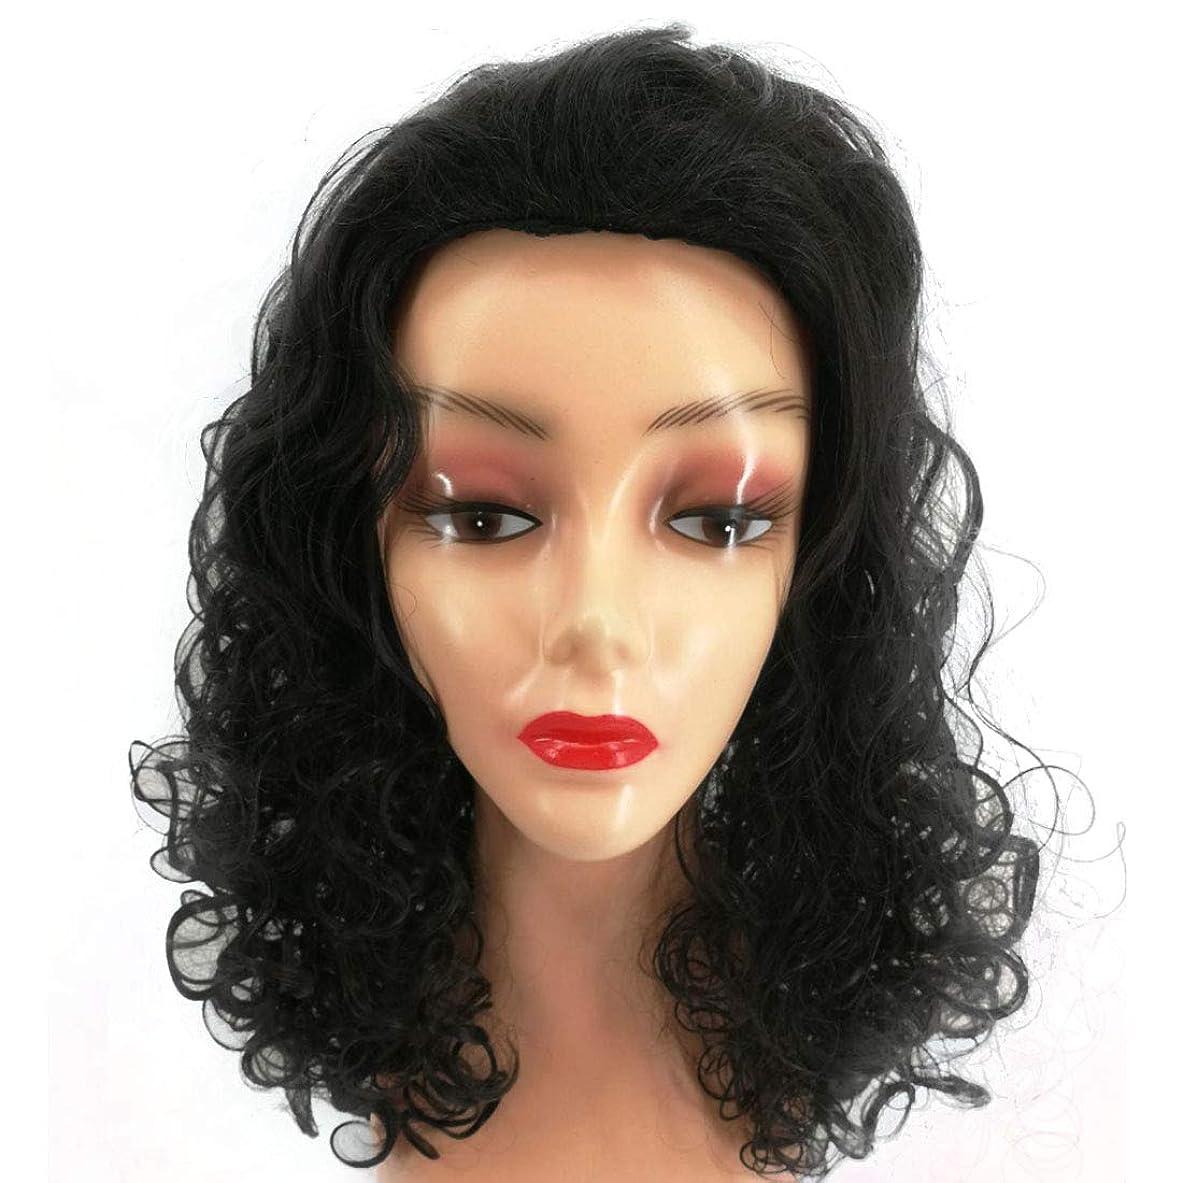 布違反するぼんやりしたKoloeplf 45cmロングビッグウェーブカーリーウィッグ女性用ナチュラルカラーラリスティックブラックウィッグミックスバングウィッグふわふわウィッグ (Color : ブラック)